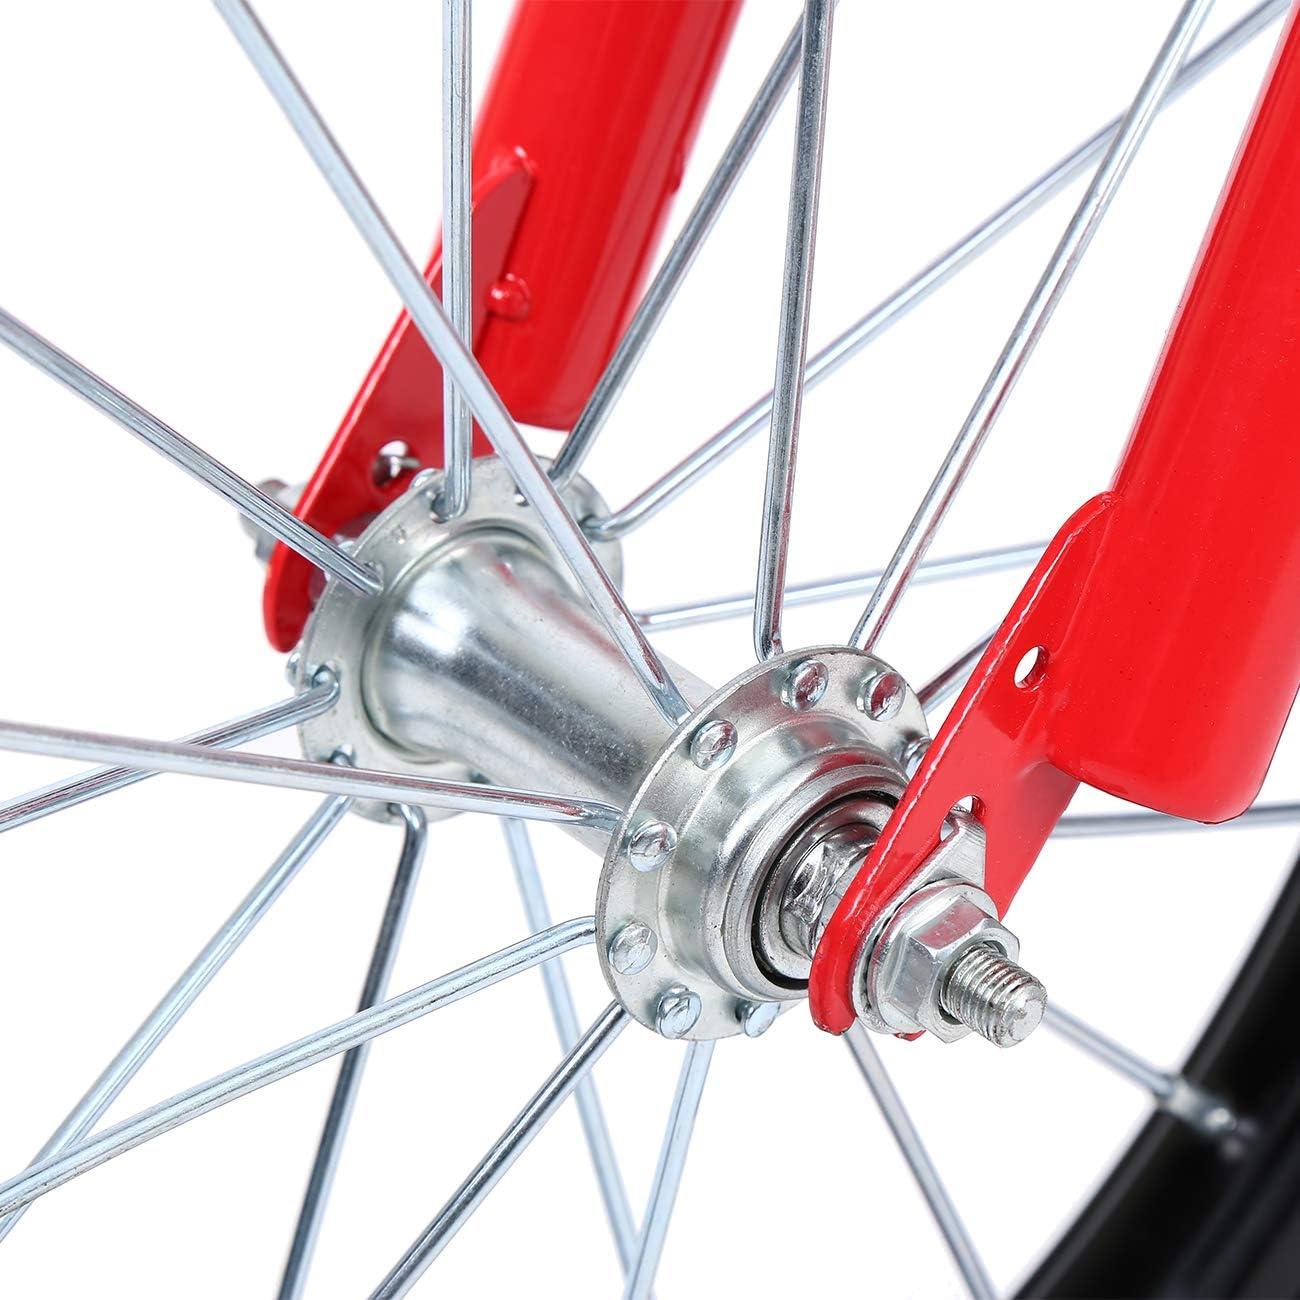 ridgeyard 16/los ni/ños Kid equilibrio beb/é estudio aprendizaje montando en bici ni/ños ni/ñas bicicleta de monta/ña